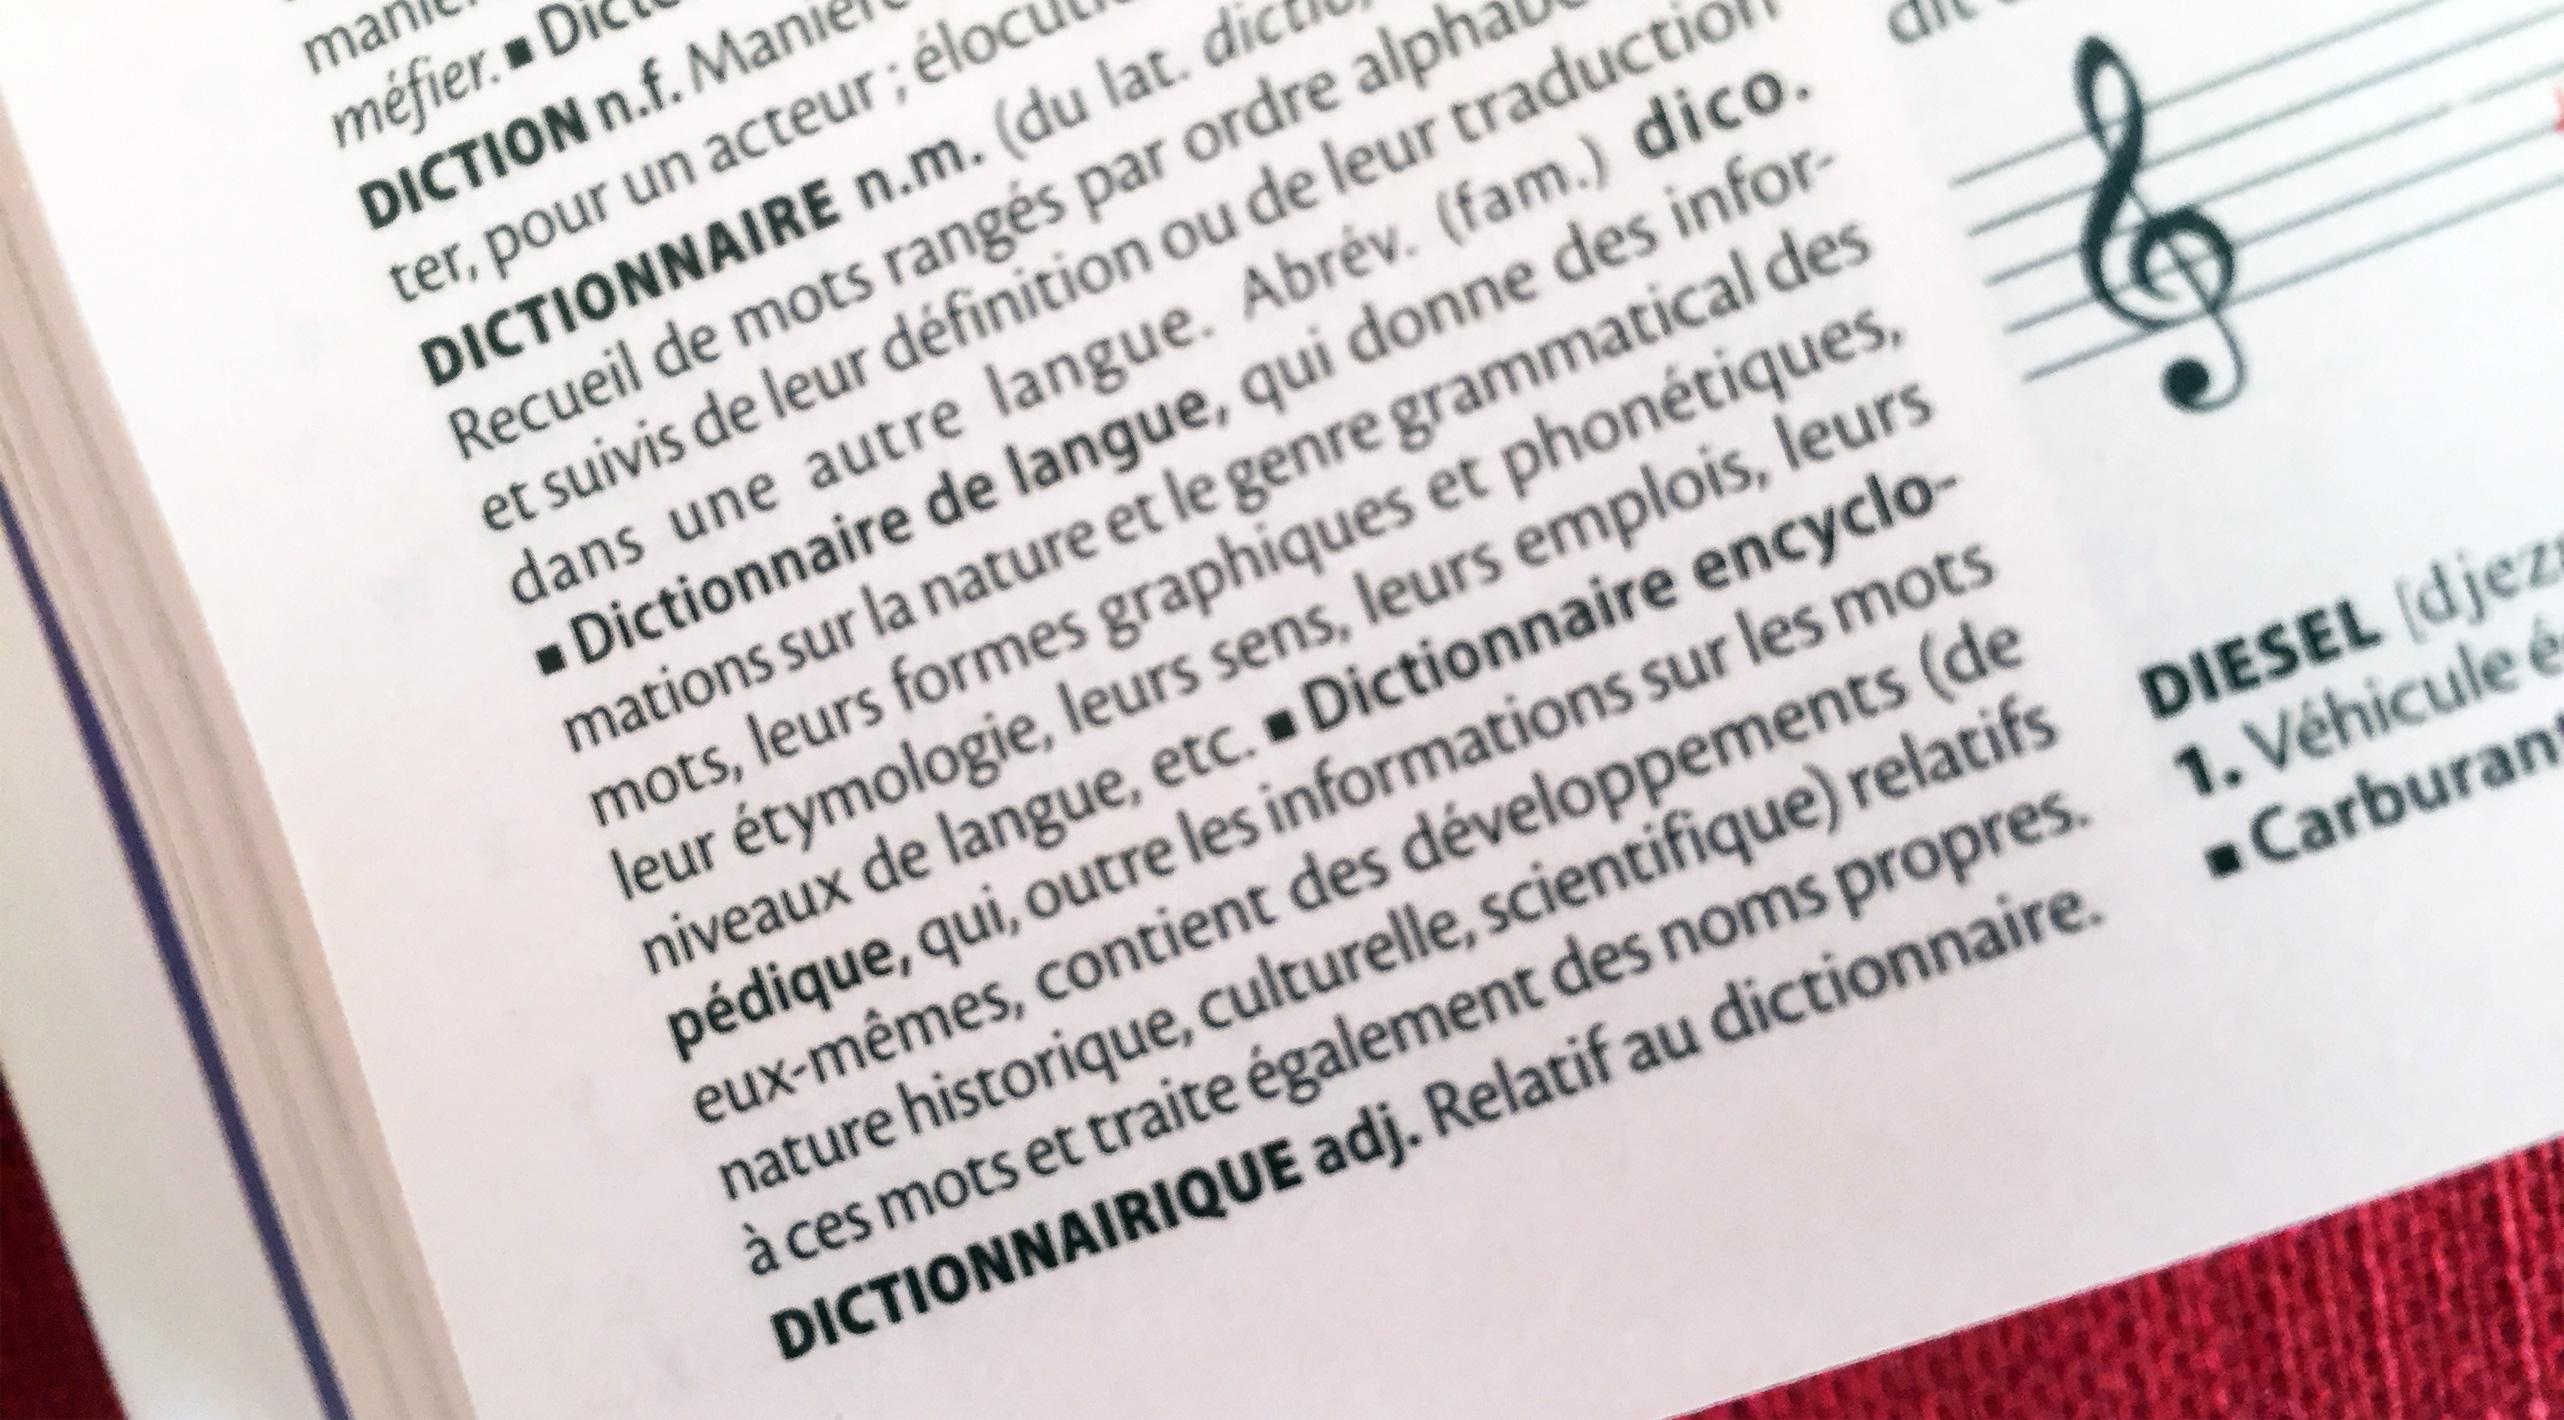 Le Dictionnaire C Est L Education Pour Tous